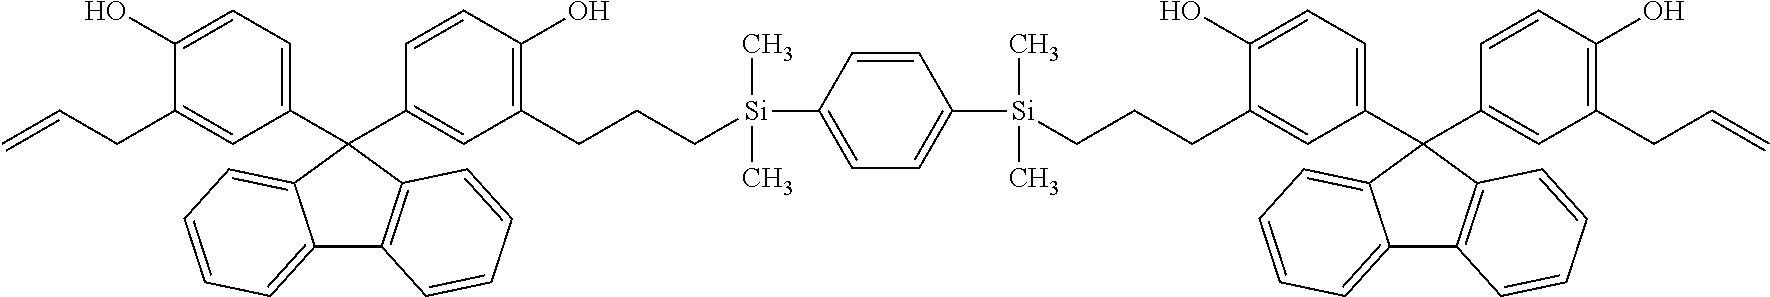 Figure US09620429-20170411-C00019